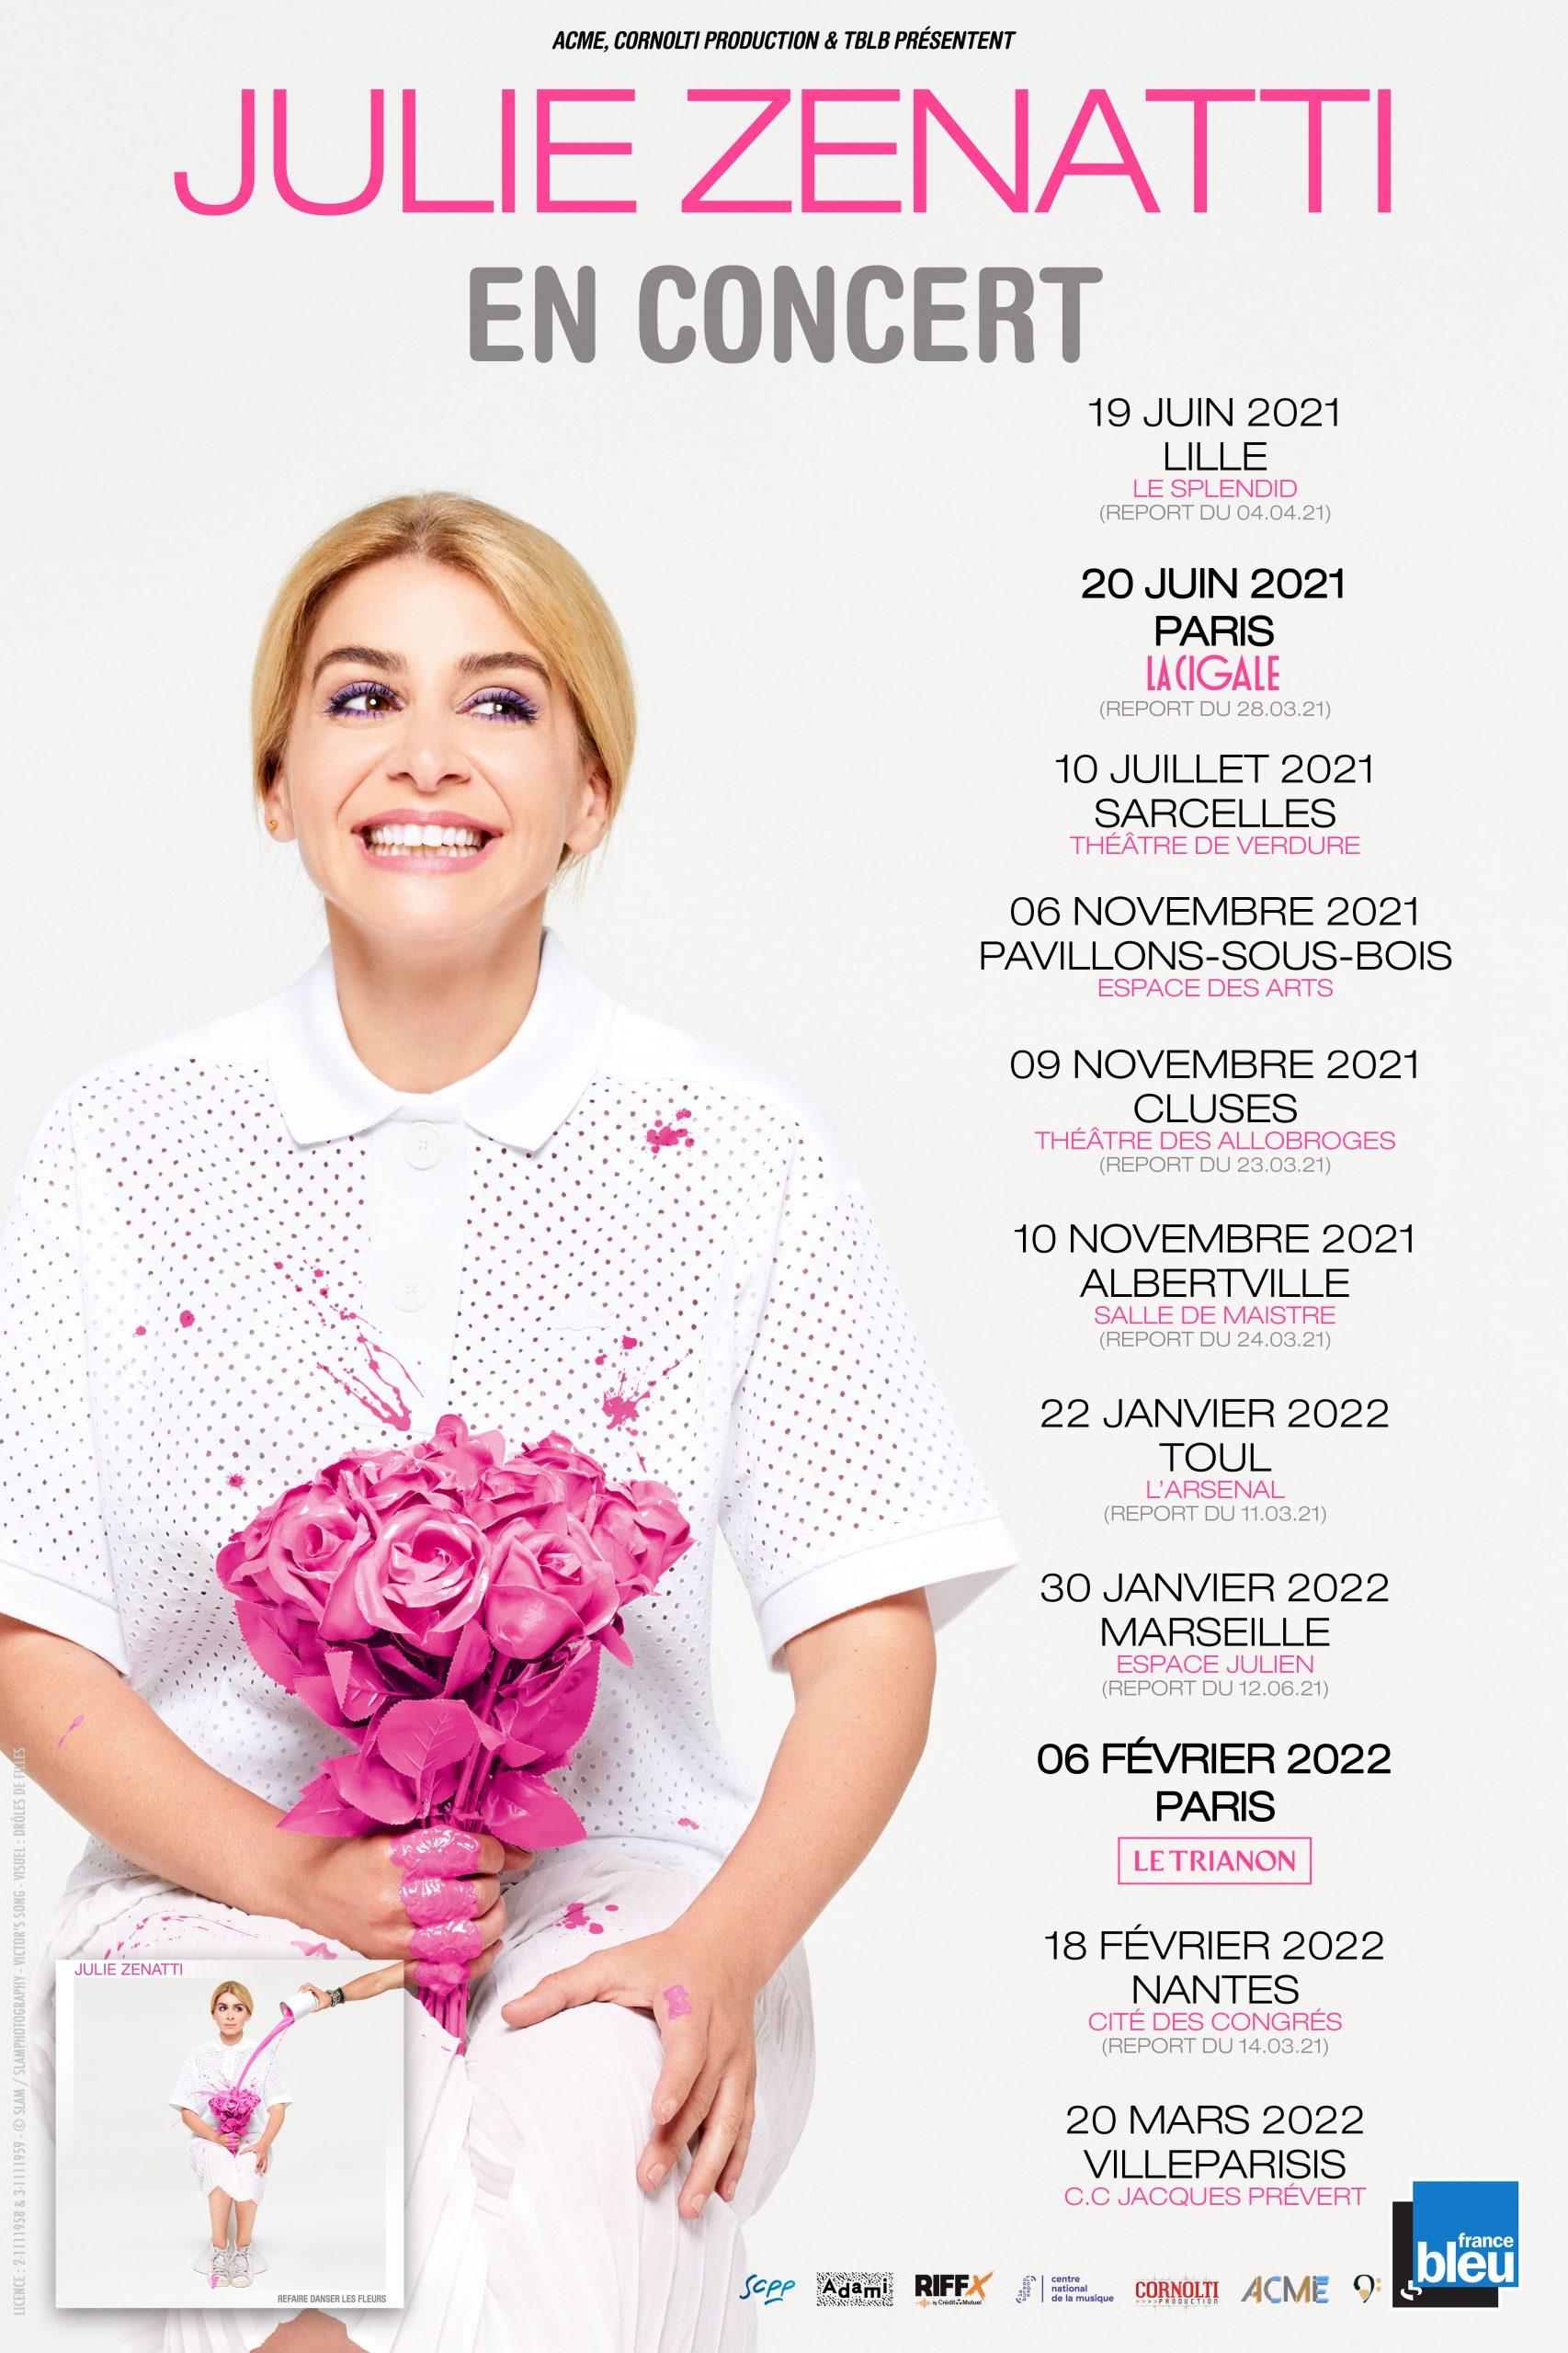 Affiche Julie Zenatti en tournée avec dates